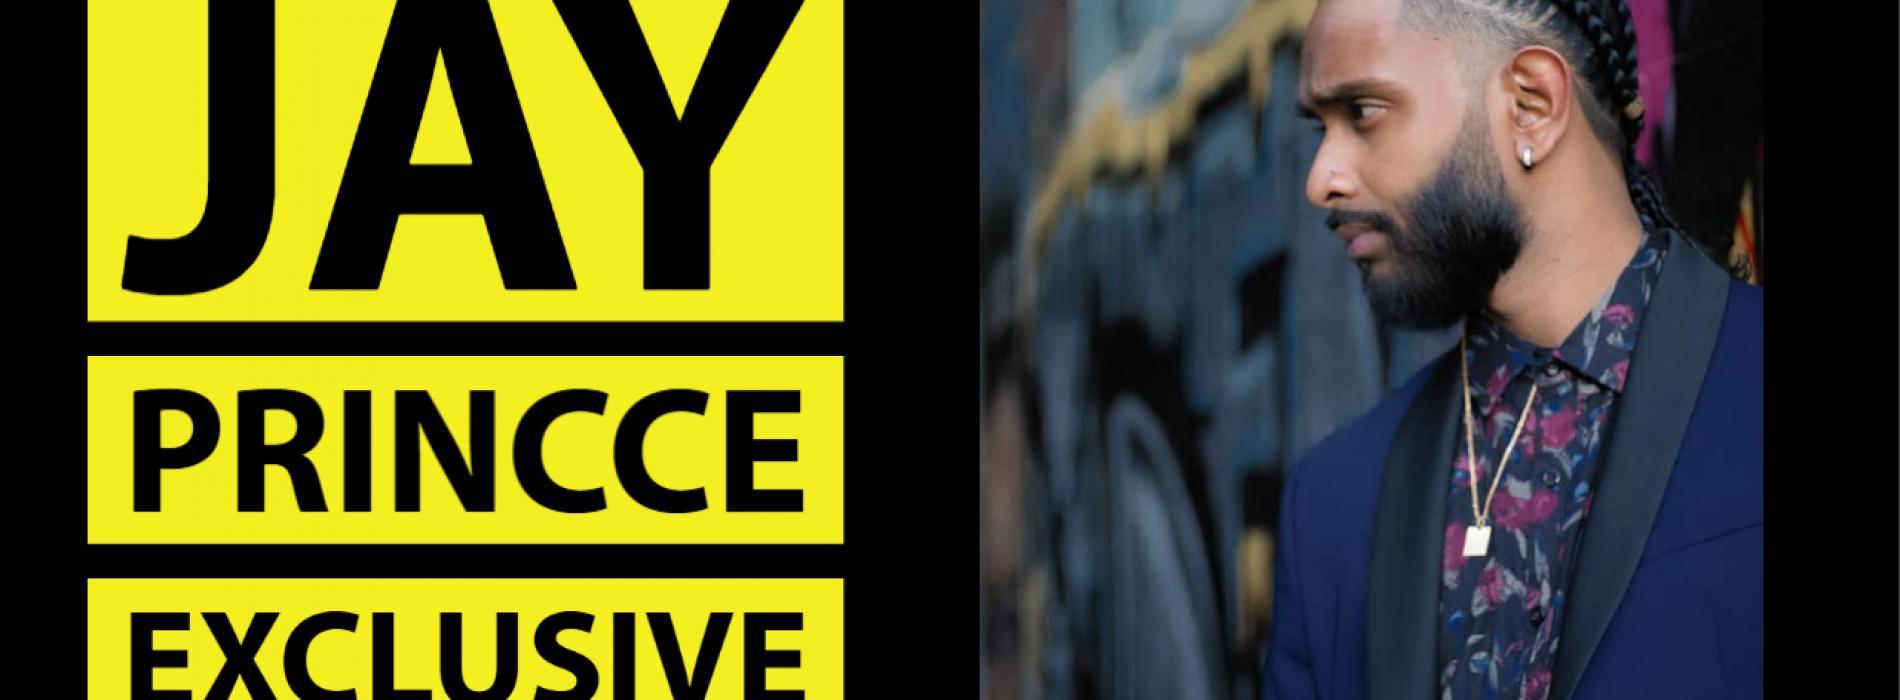 Exclusive : Jay Princce